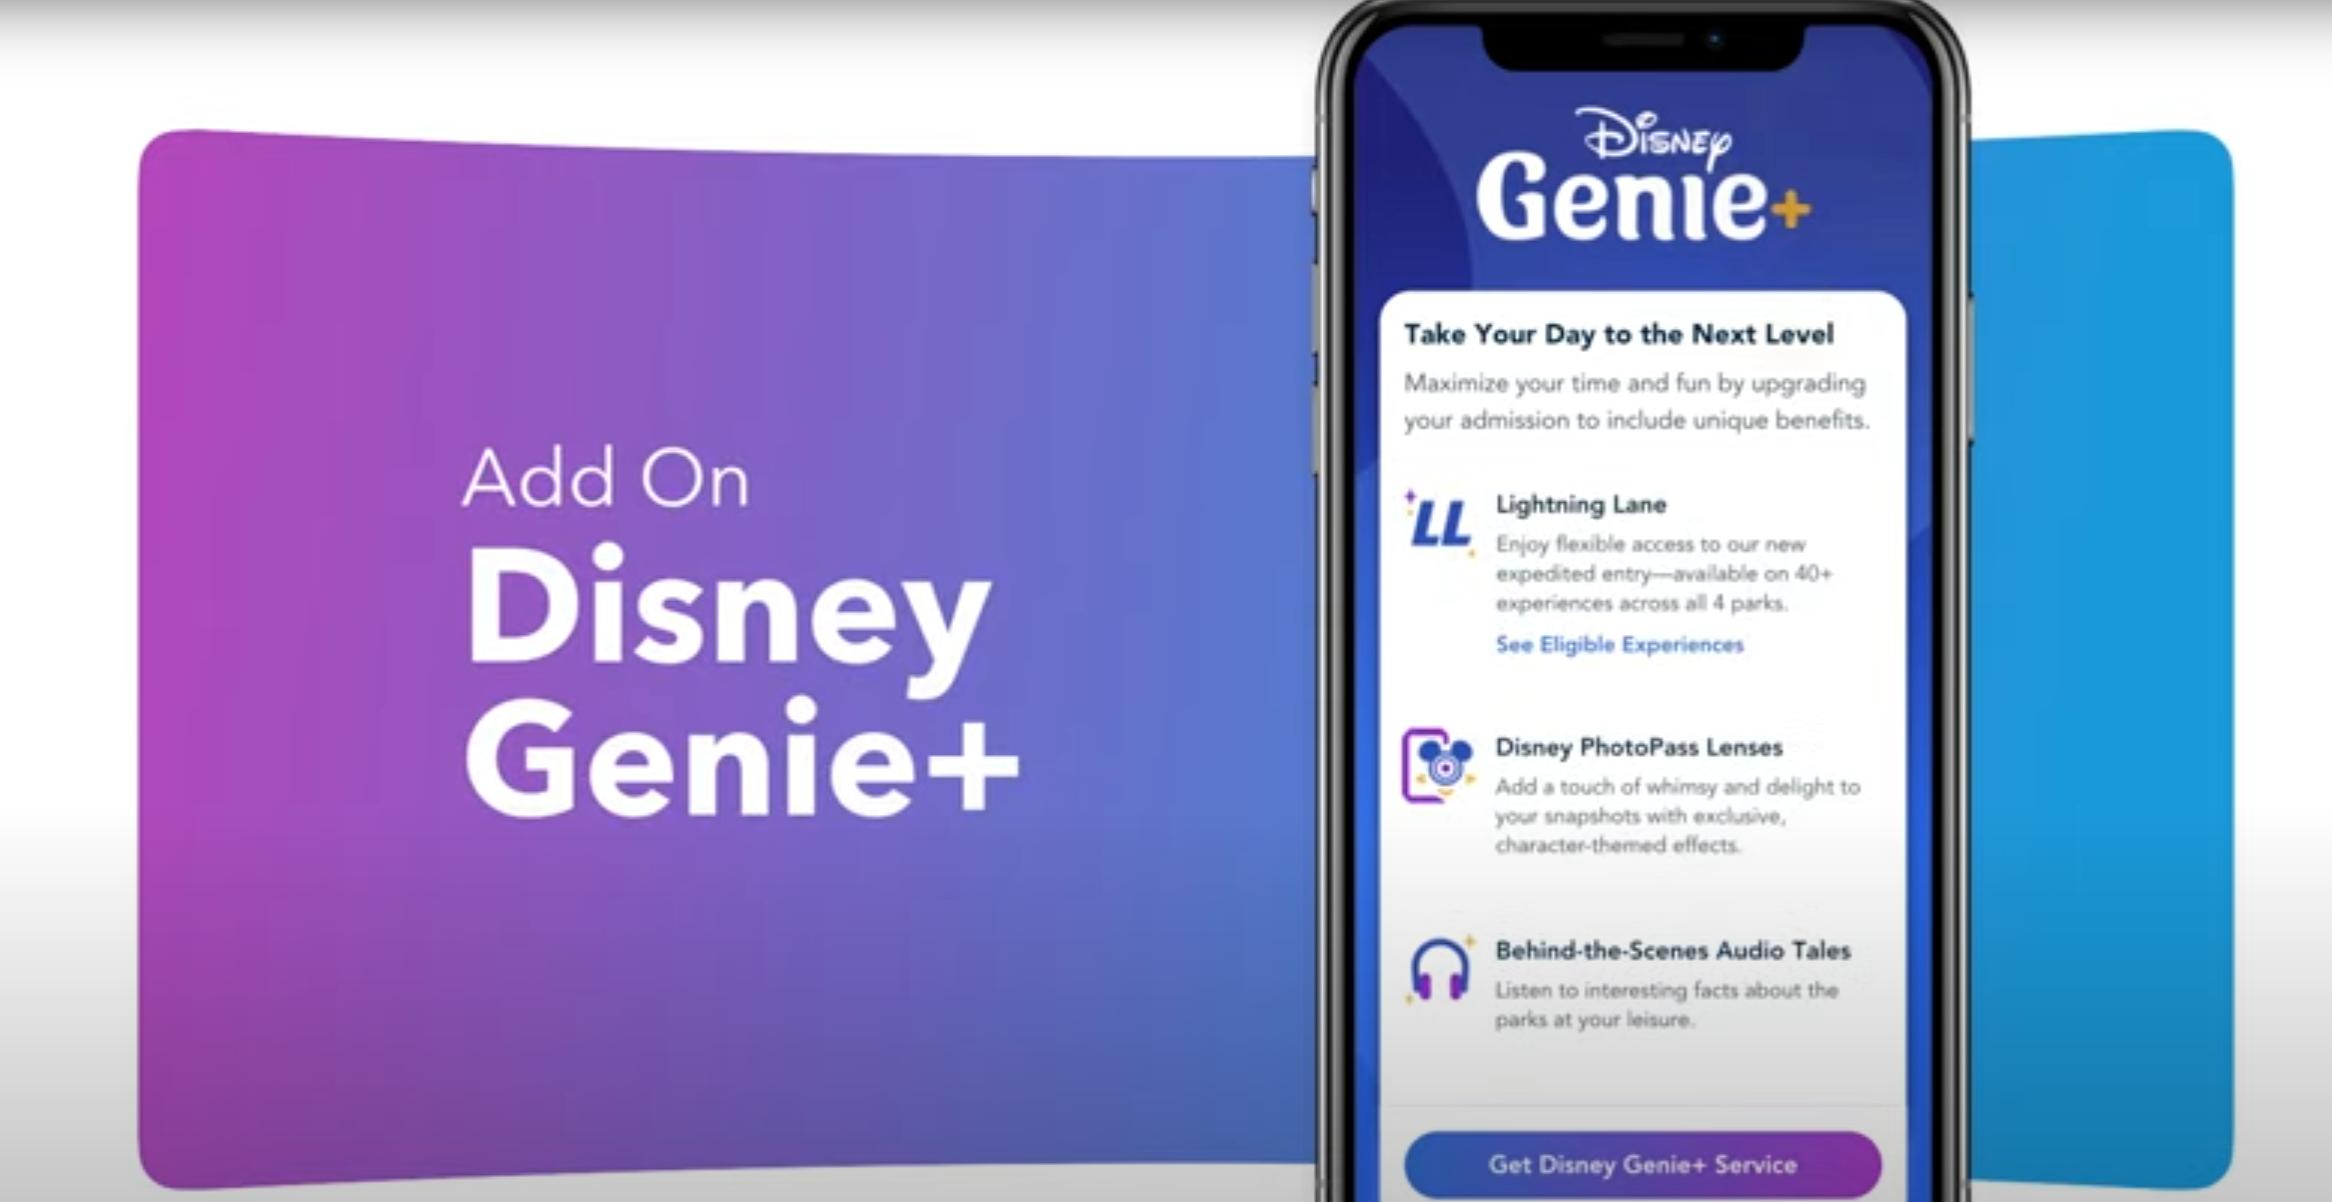 Genie+